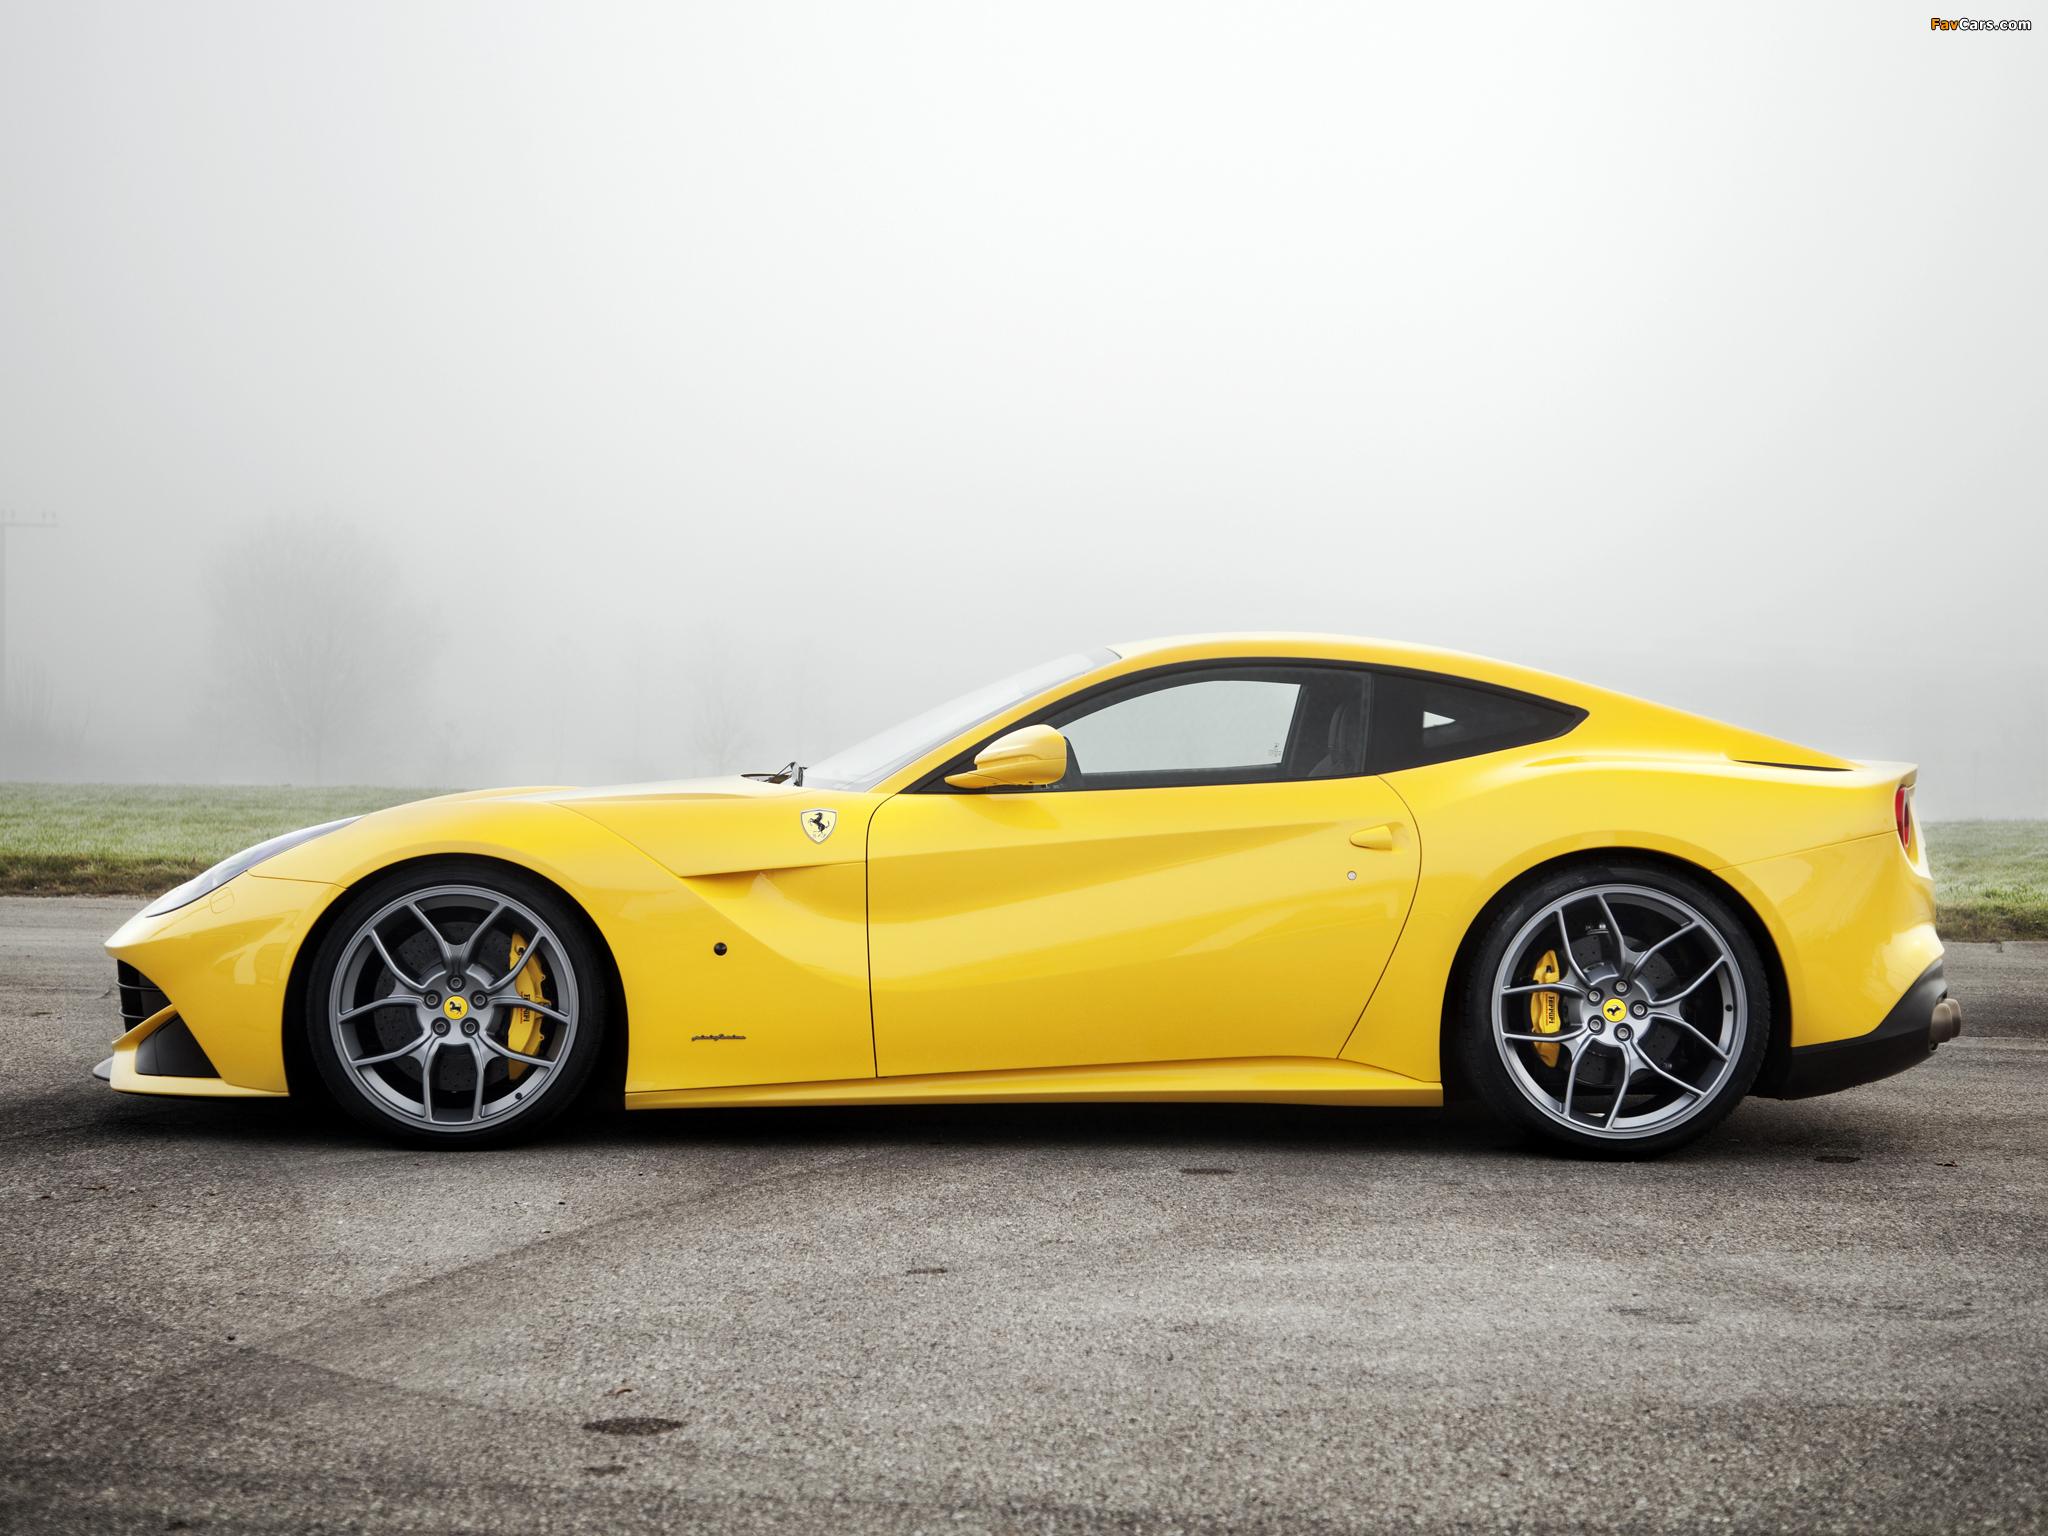 желтый спортивный автомобиль Ferrari F12 Berlinetta Wheelsandmore  № 1564292  скачать